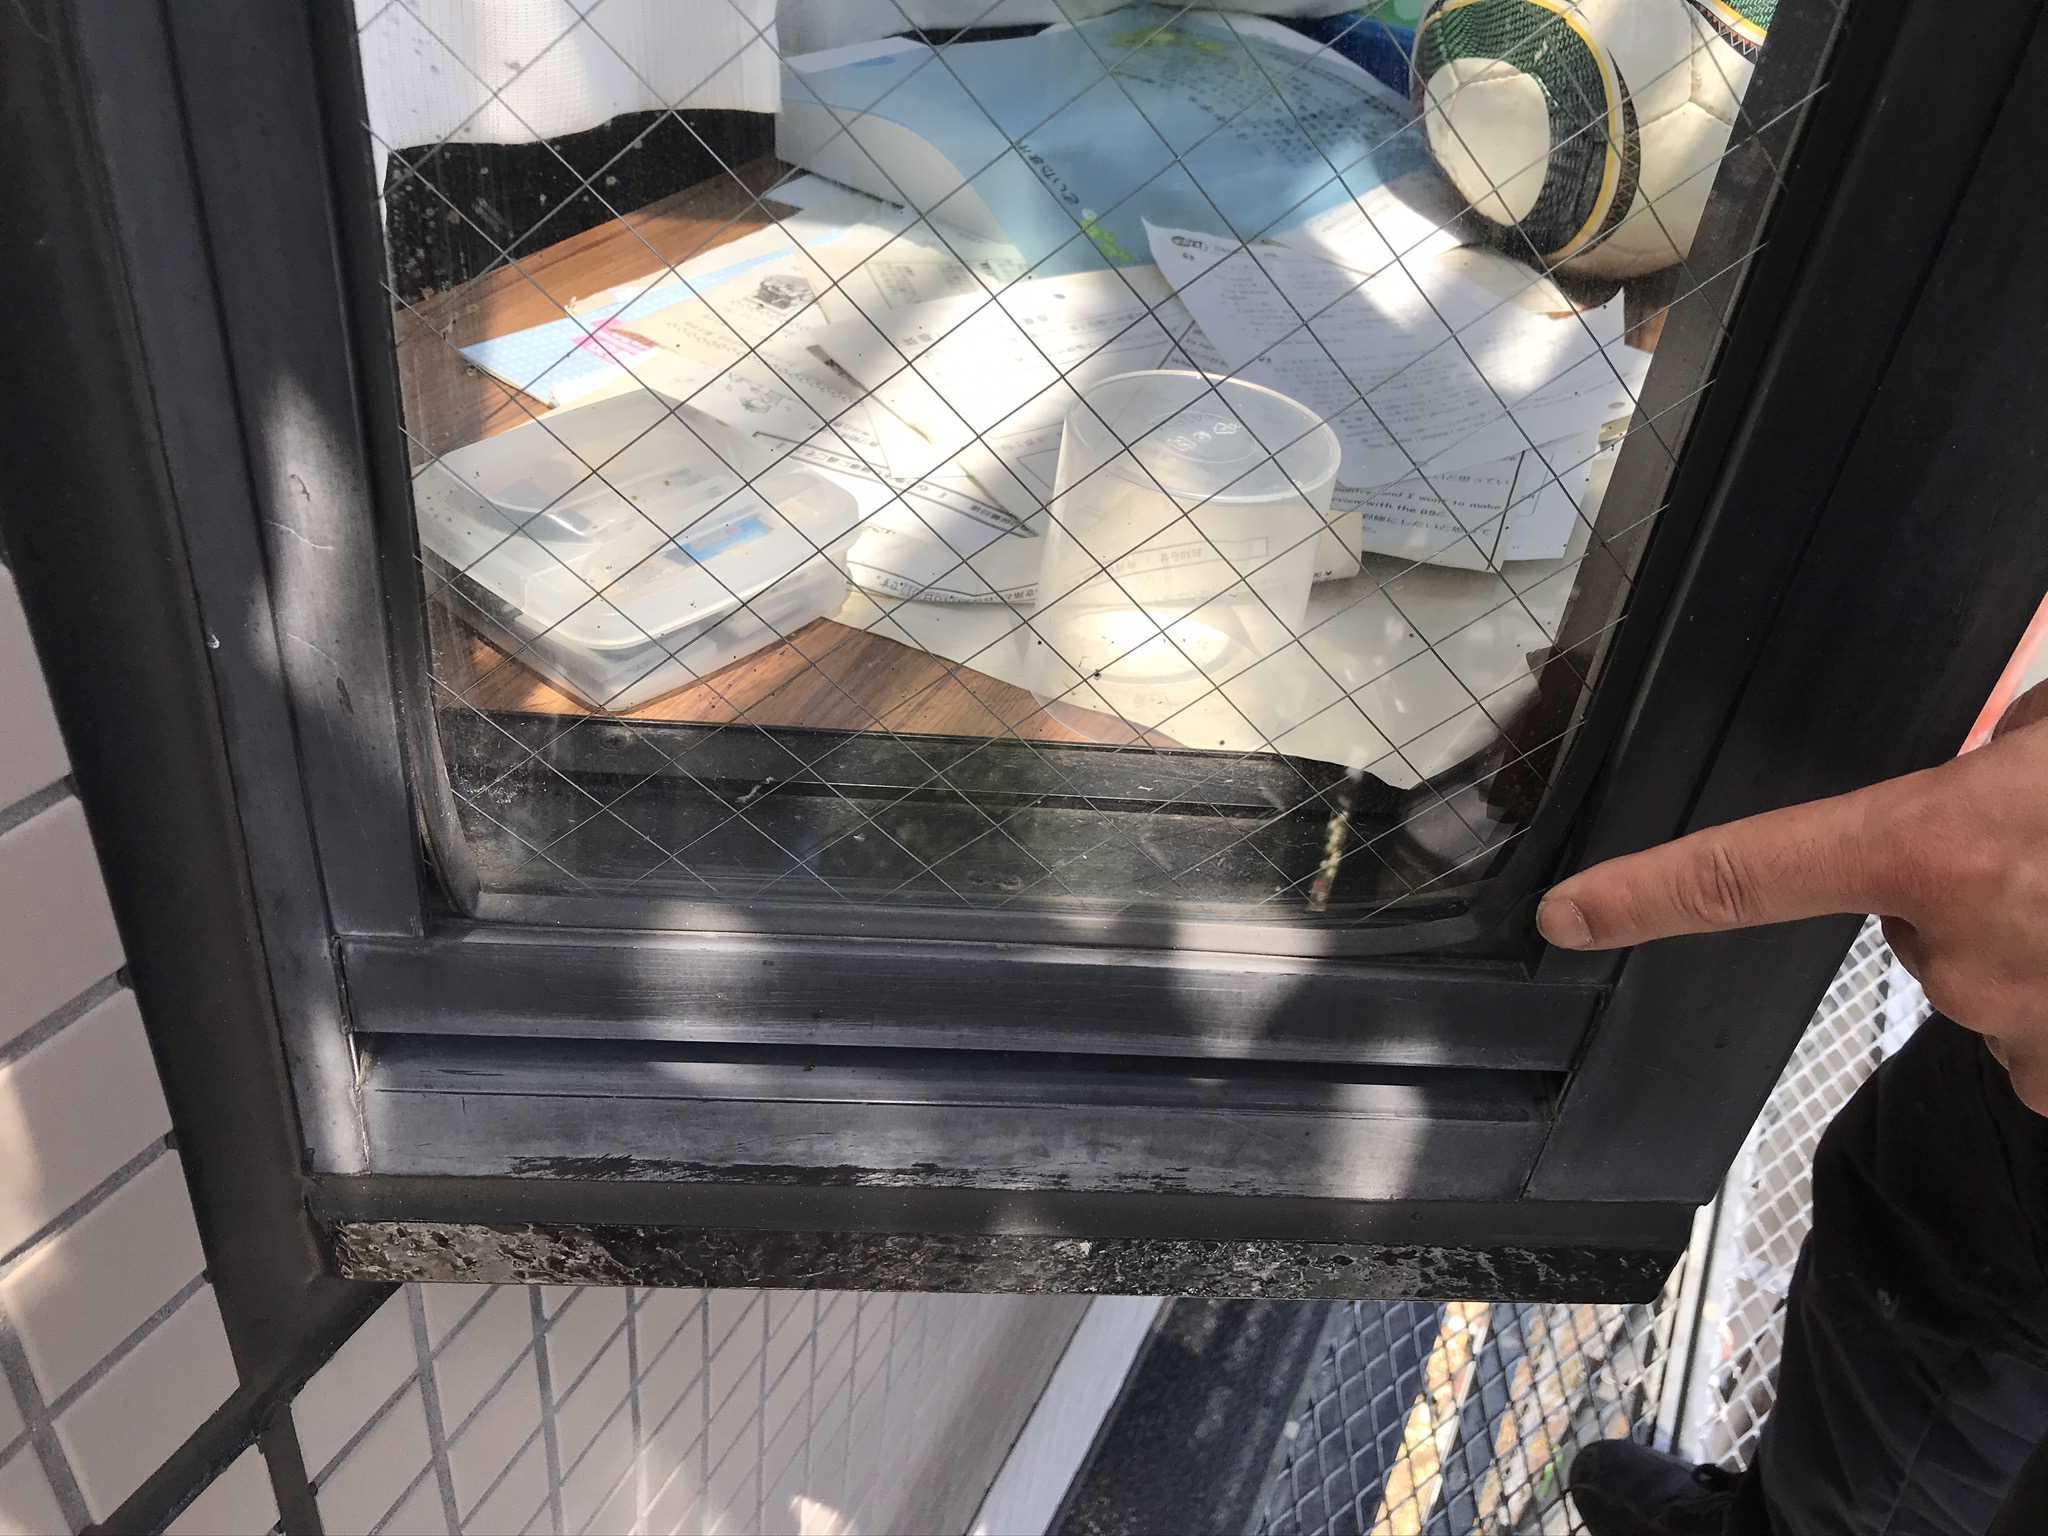 さいたま市北区マンション築20年で劣化した窓枠ゴムパッキン